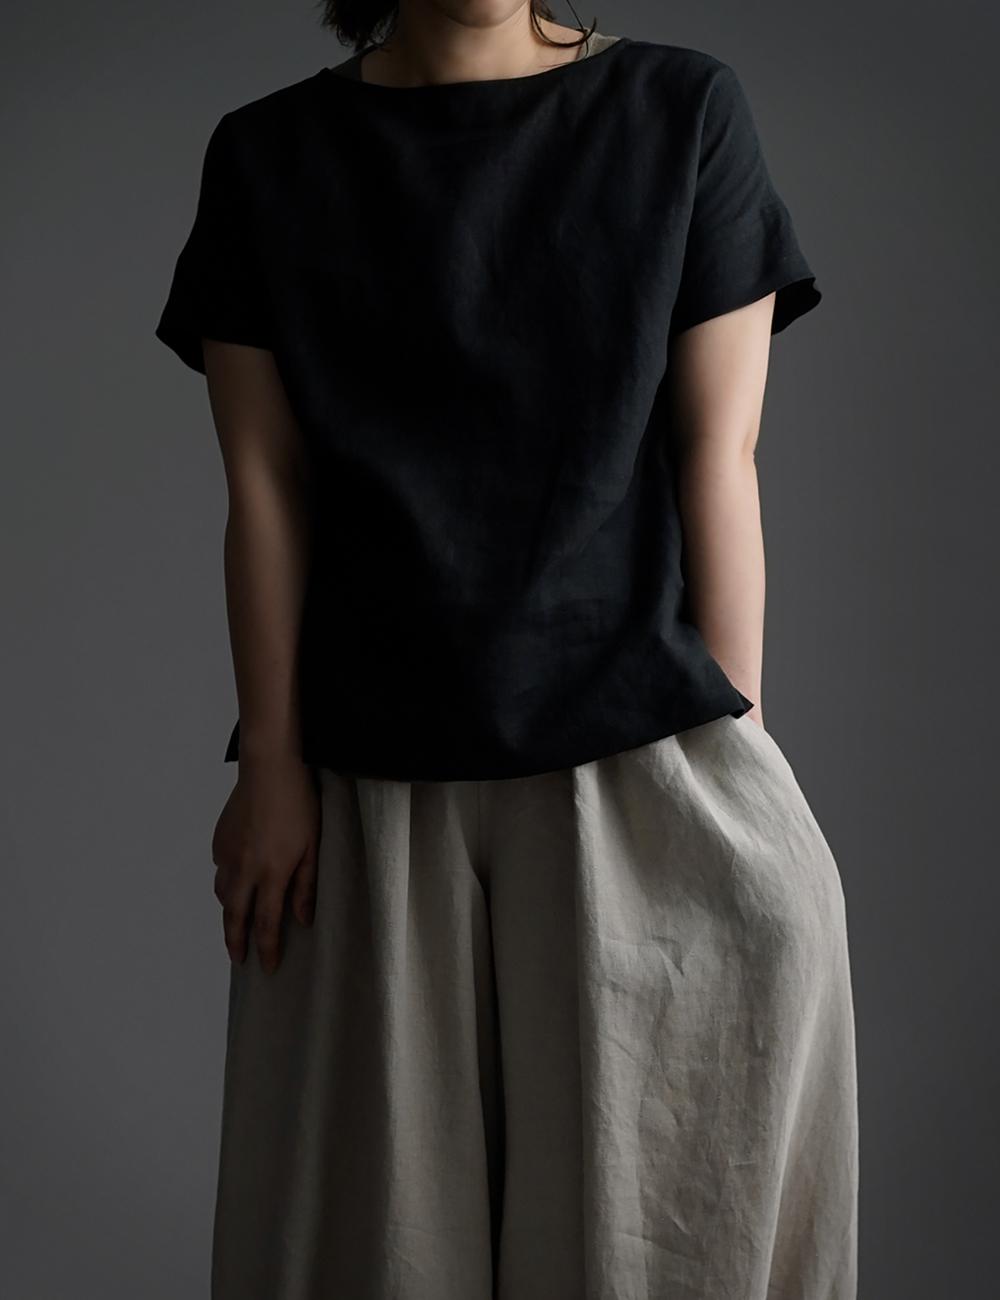 【wafu】Linen T-shirt ドロップショルダー Tシャツ /黒色 t001l-bck1